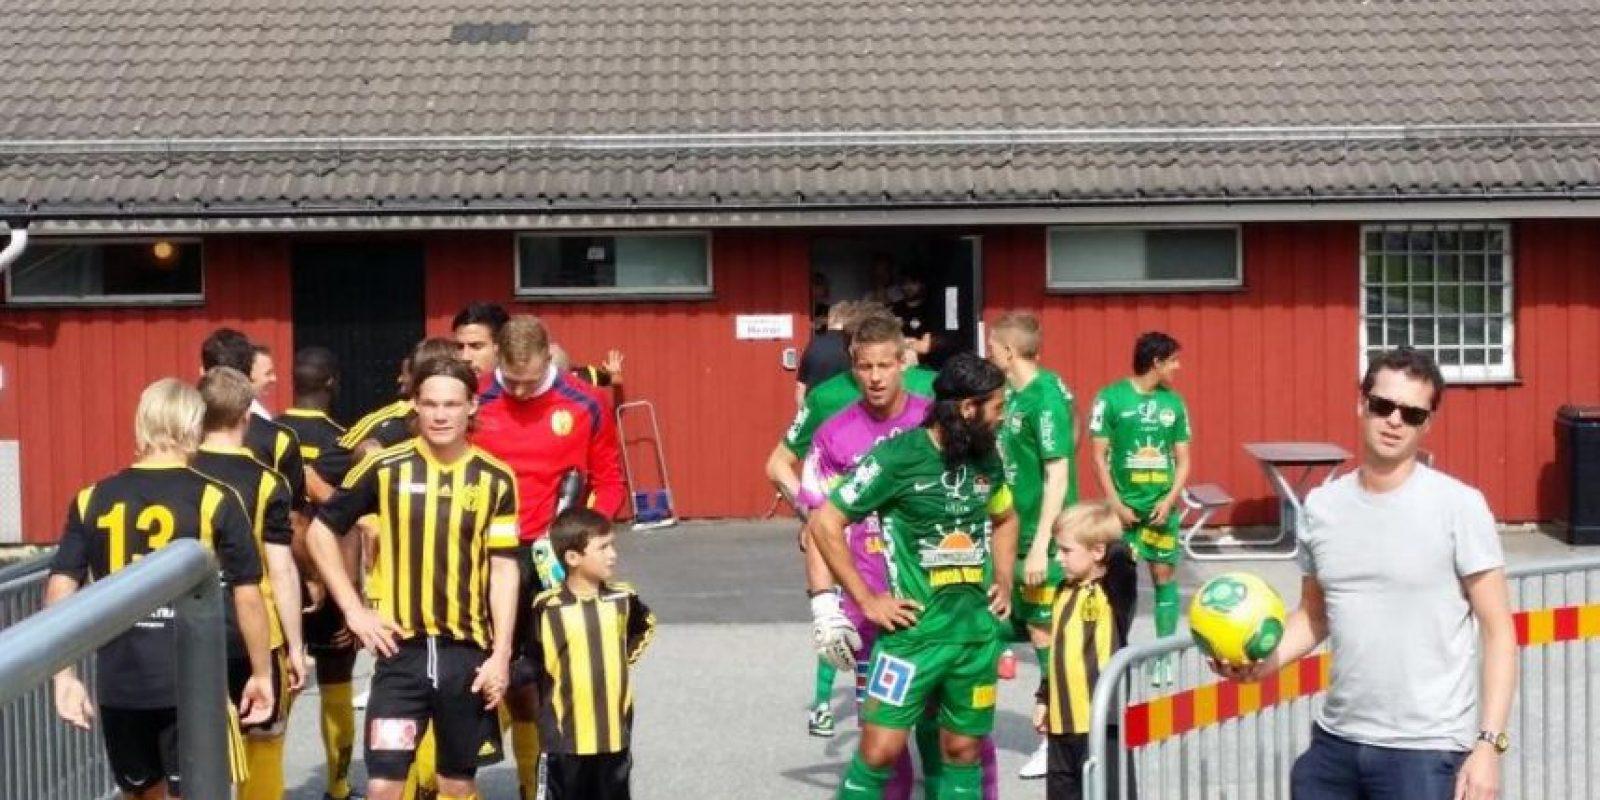 En su primera temporada, el equipo utilizó sólo a jóvenes de 17 años de edad. Foto:Twitter @DalkurdFF